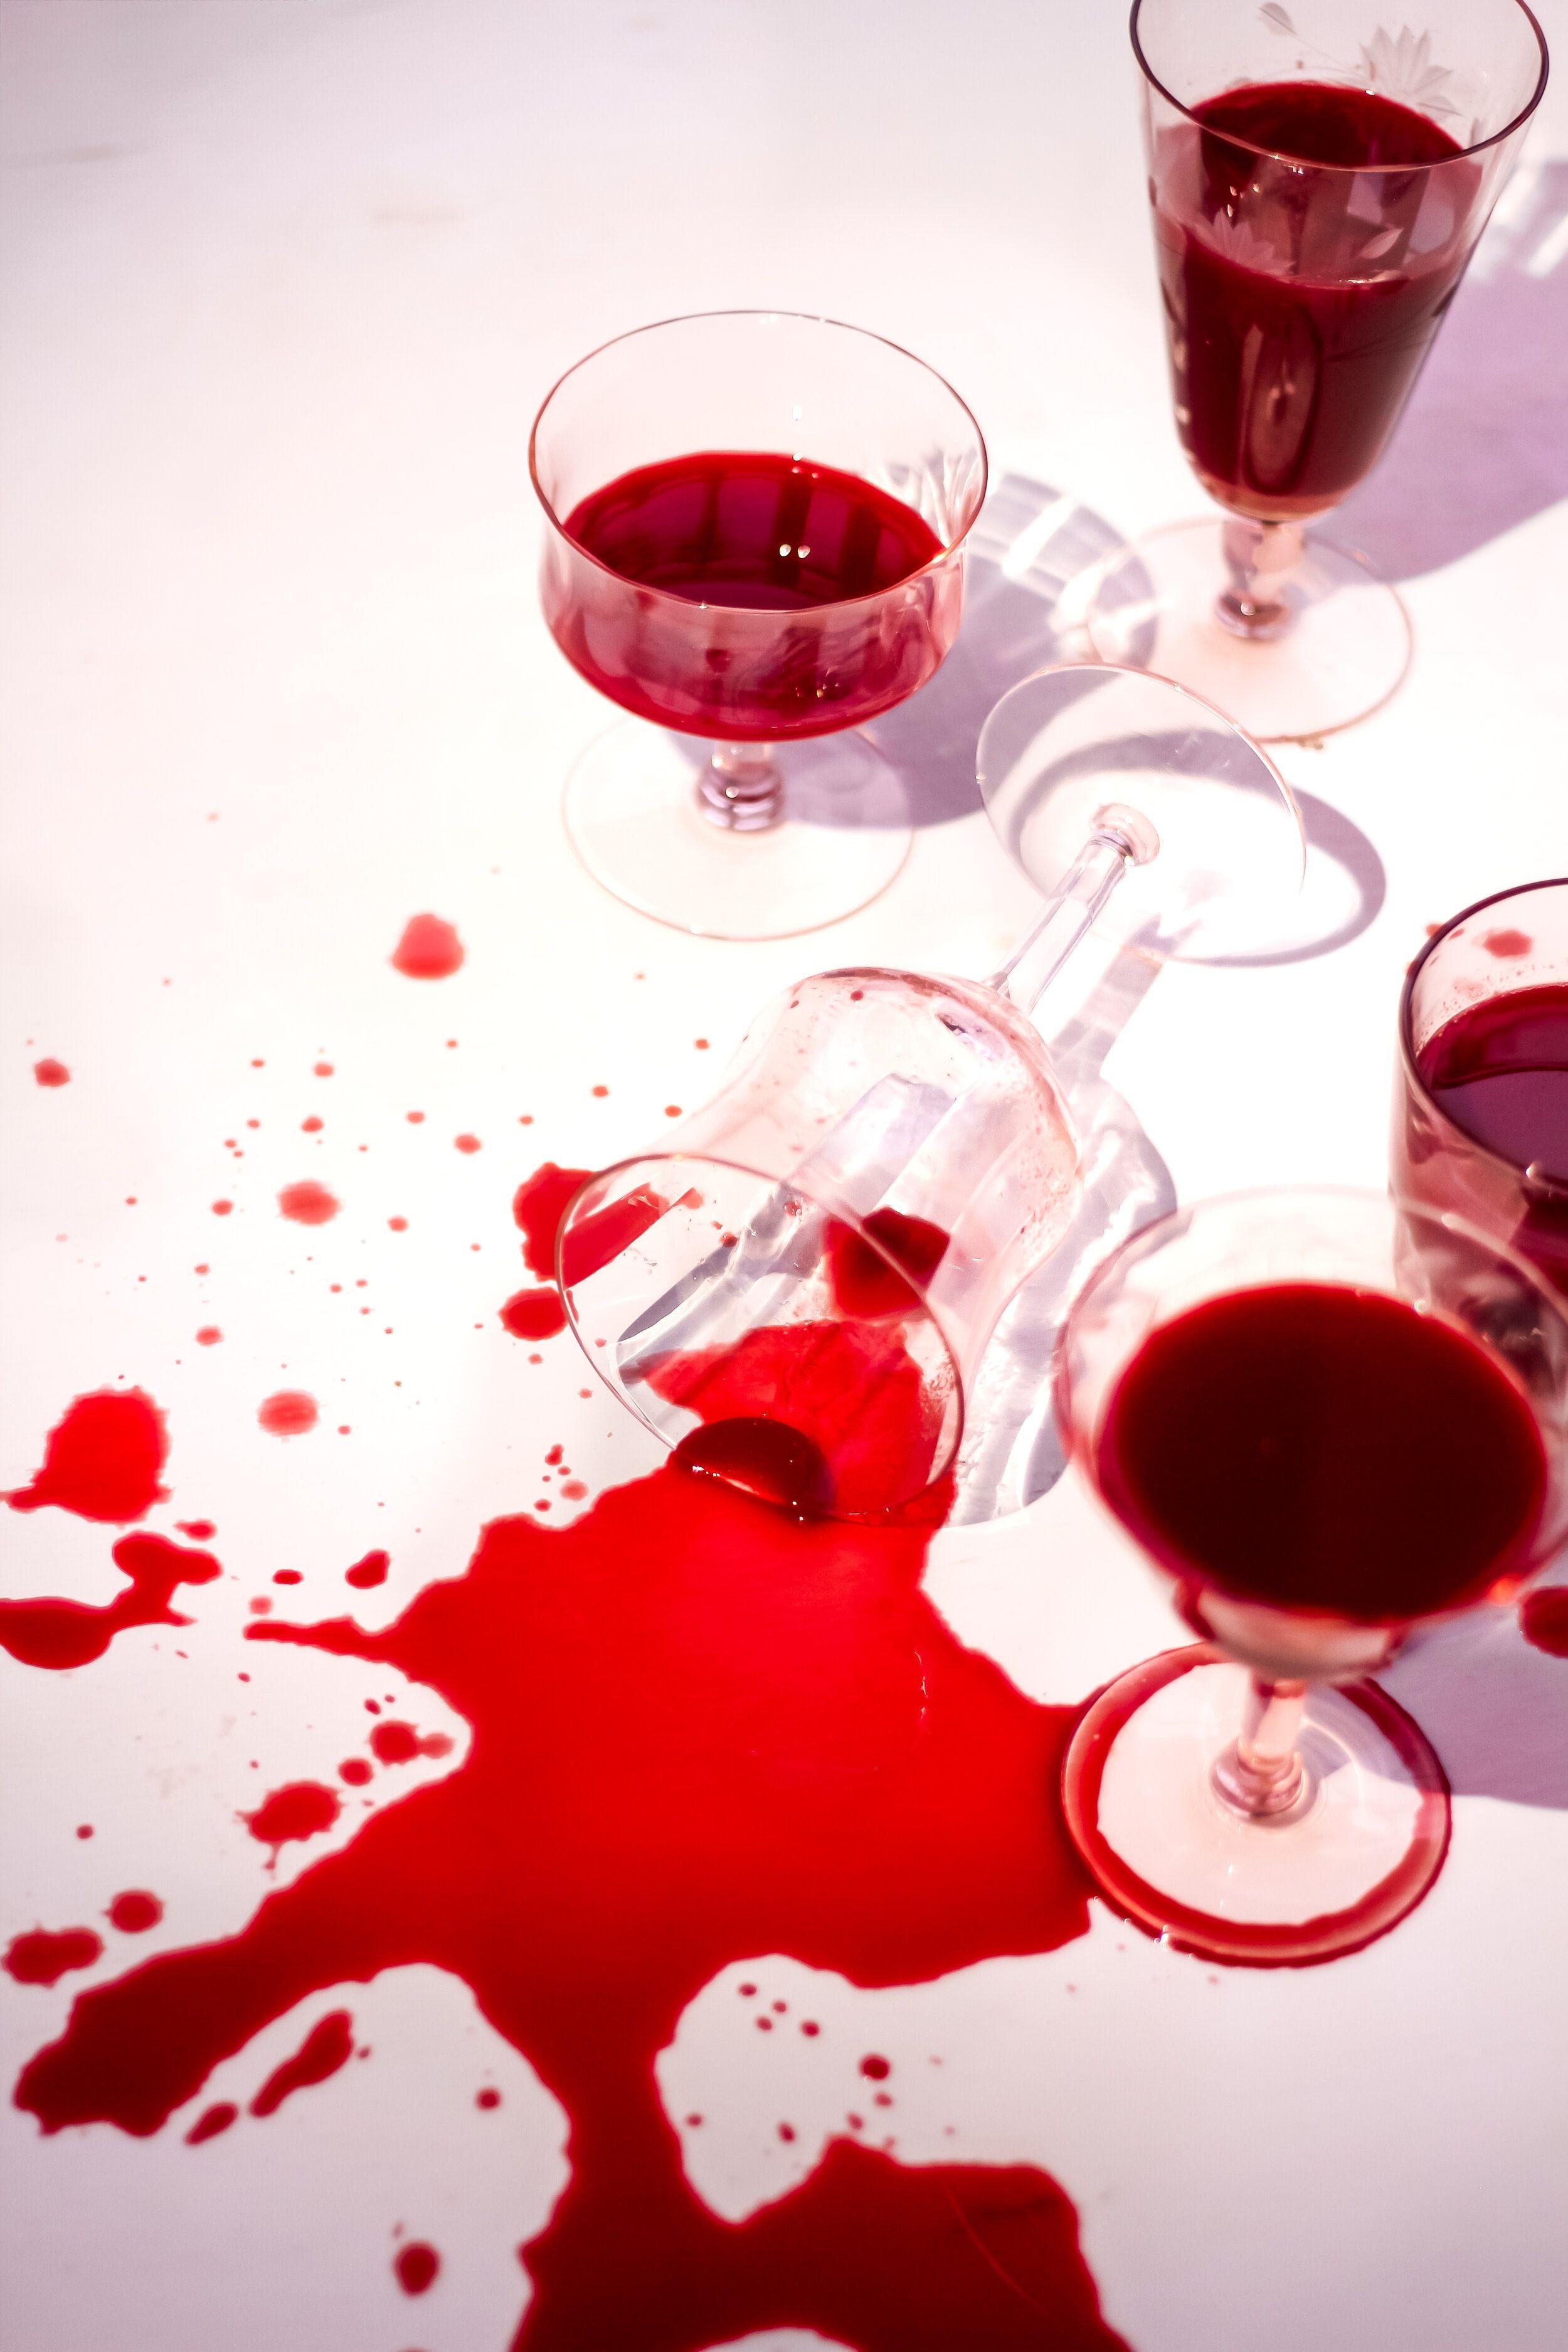 Crimson Glow Tonic In 2020 Anti Inflammatory Juice Glow Tonic Carrot Juice